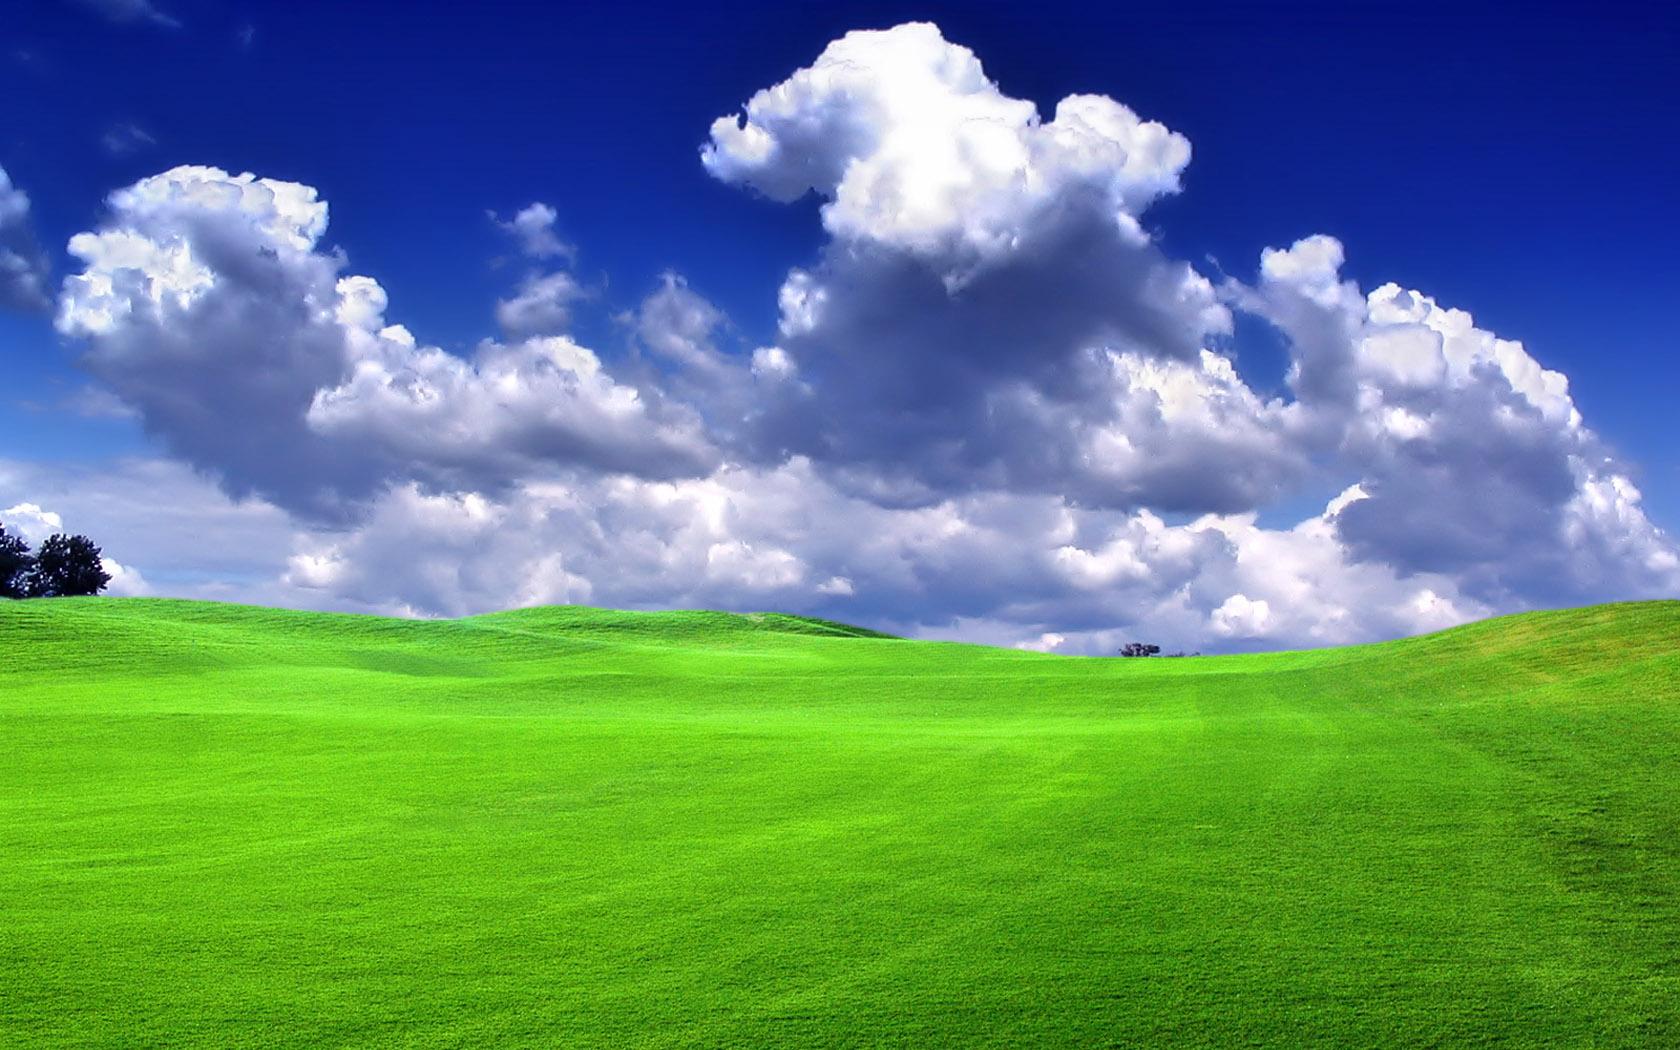 بالصور صور طبيعة جميلة , احلى خلفيات اشجار وسماء وبحار روعه 3981 3